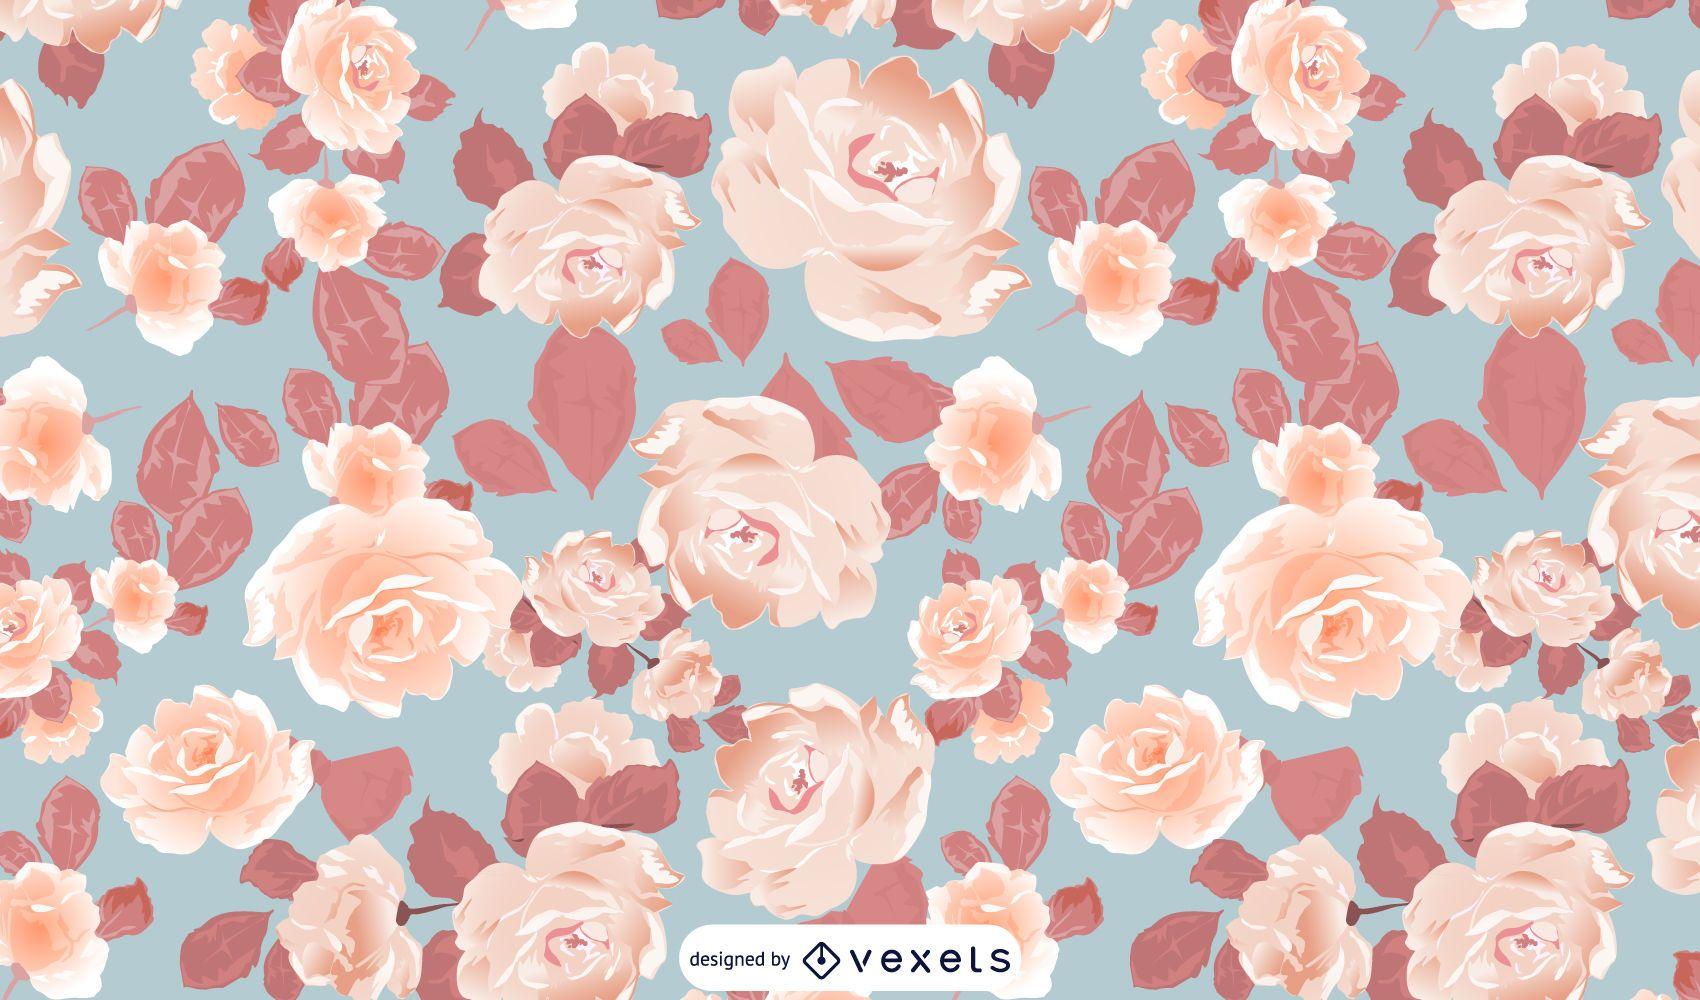 Diseño ilustrado del patrón de flores